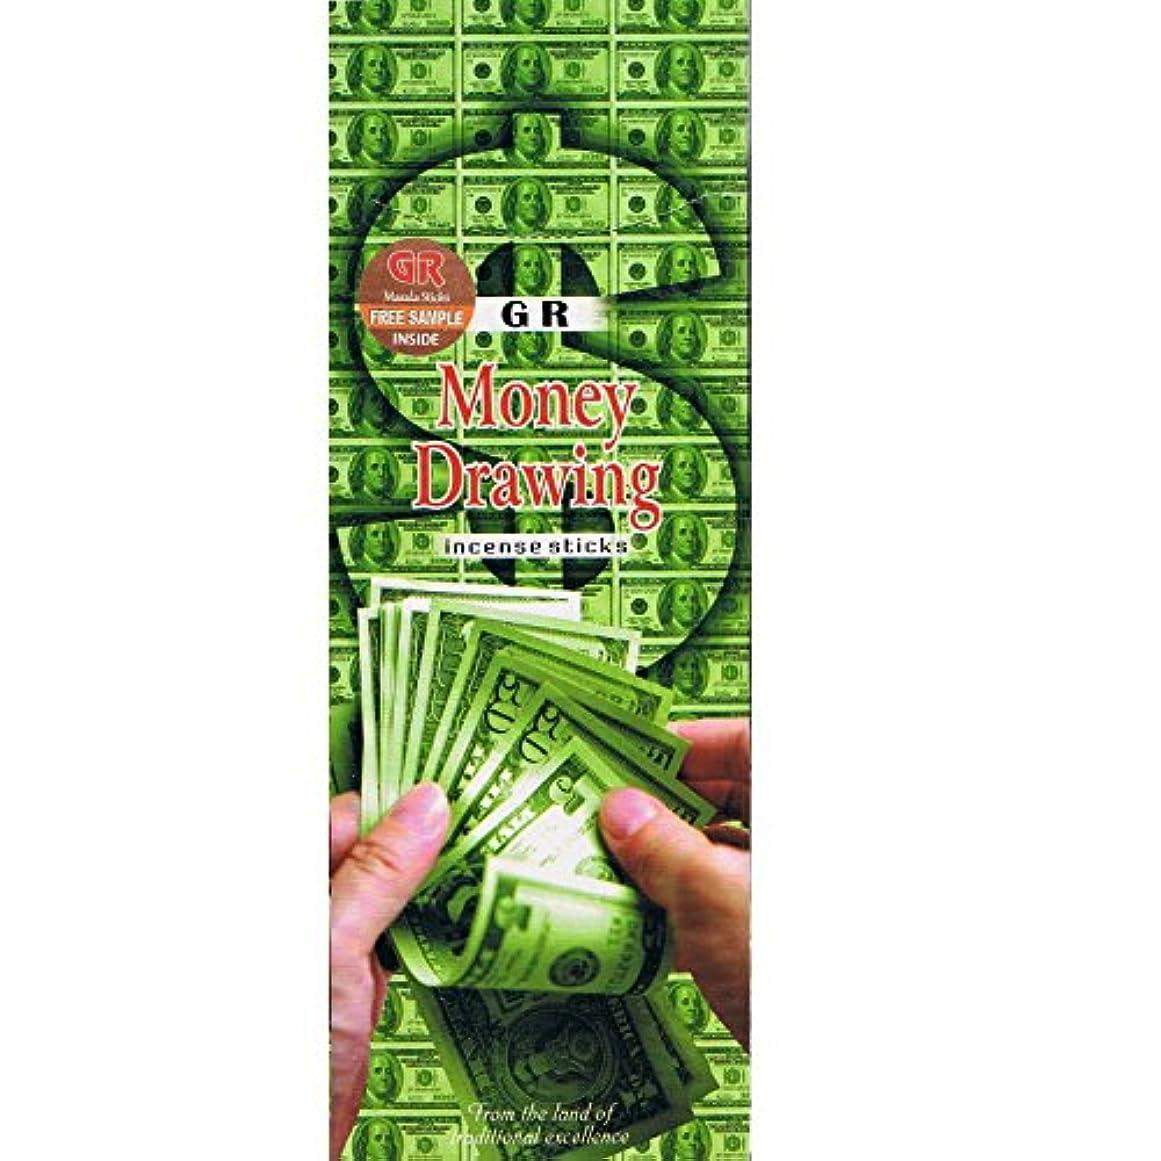 権限を与える炎上技術者Money drawing-120 Sticks